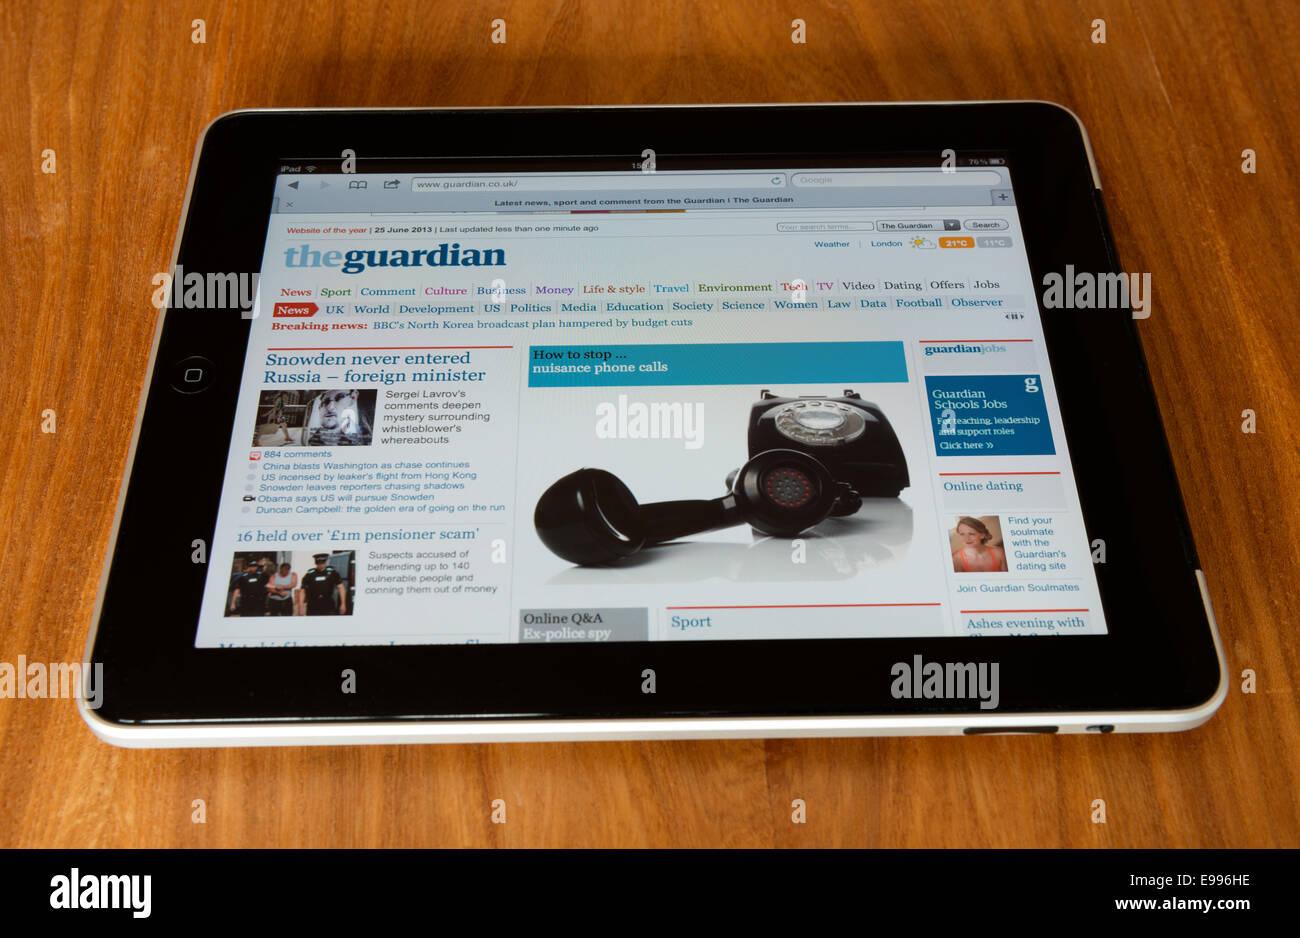 Apple iPad mostrando el periódico The Guardian homepage con 'cómo detener las llamadas molestas Imagen De Stock